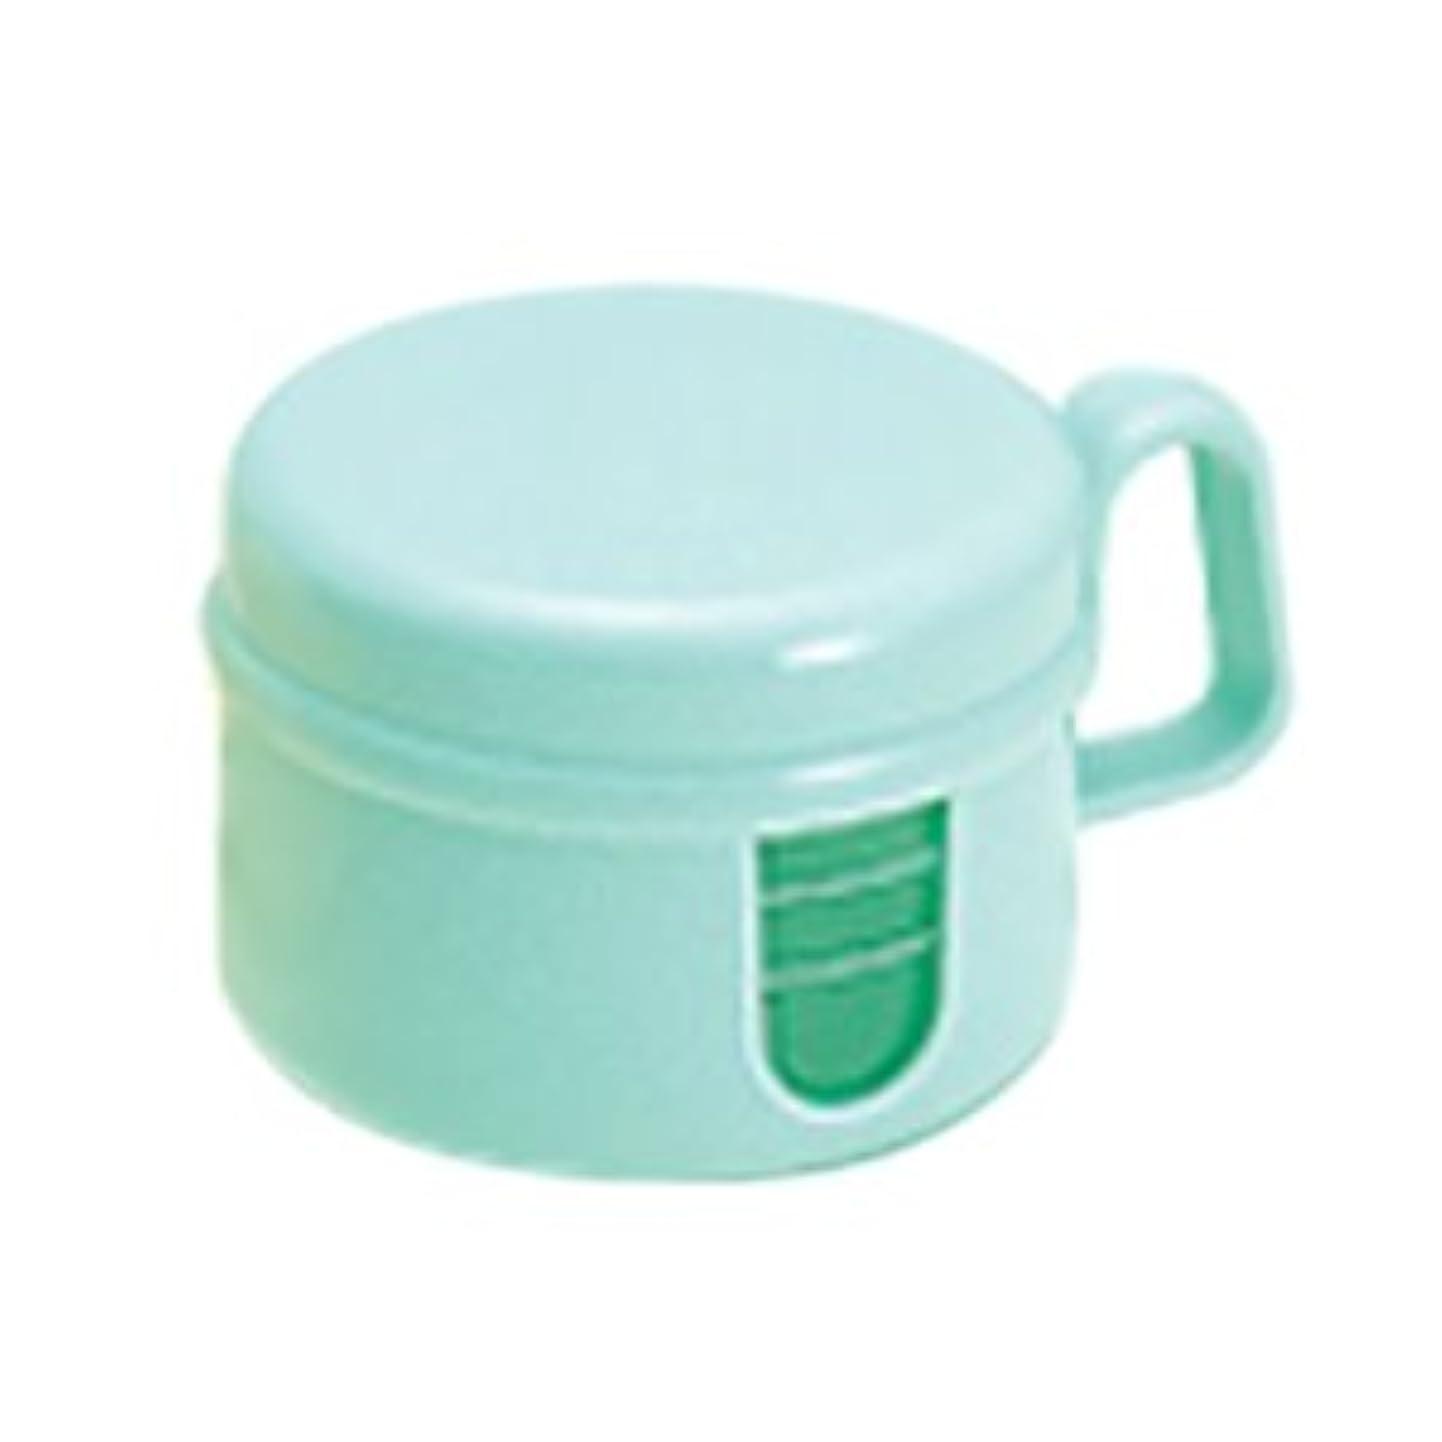 タイムリーなギターオアシス松風 ピカ 入れ歯 洗浄保存容器 グリーン